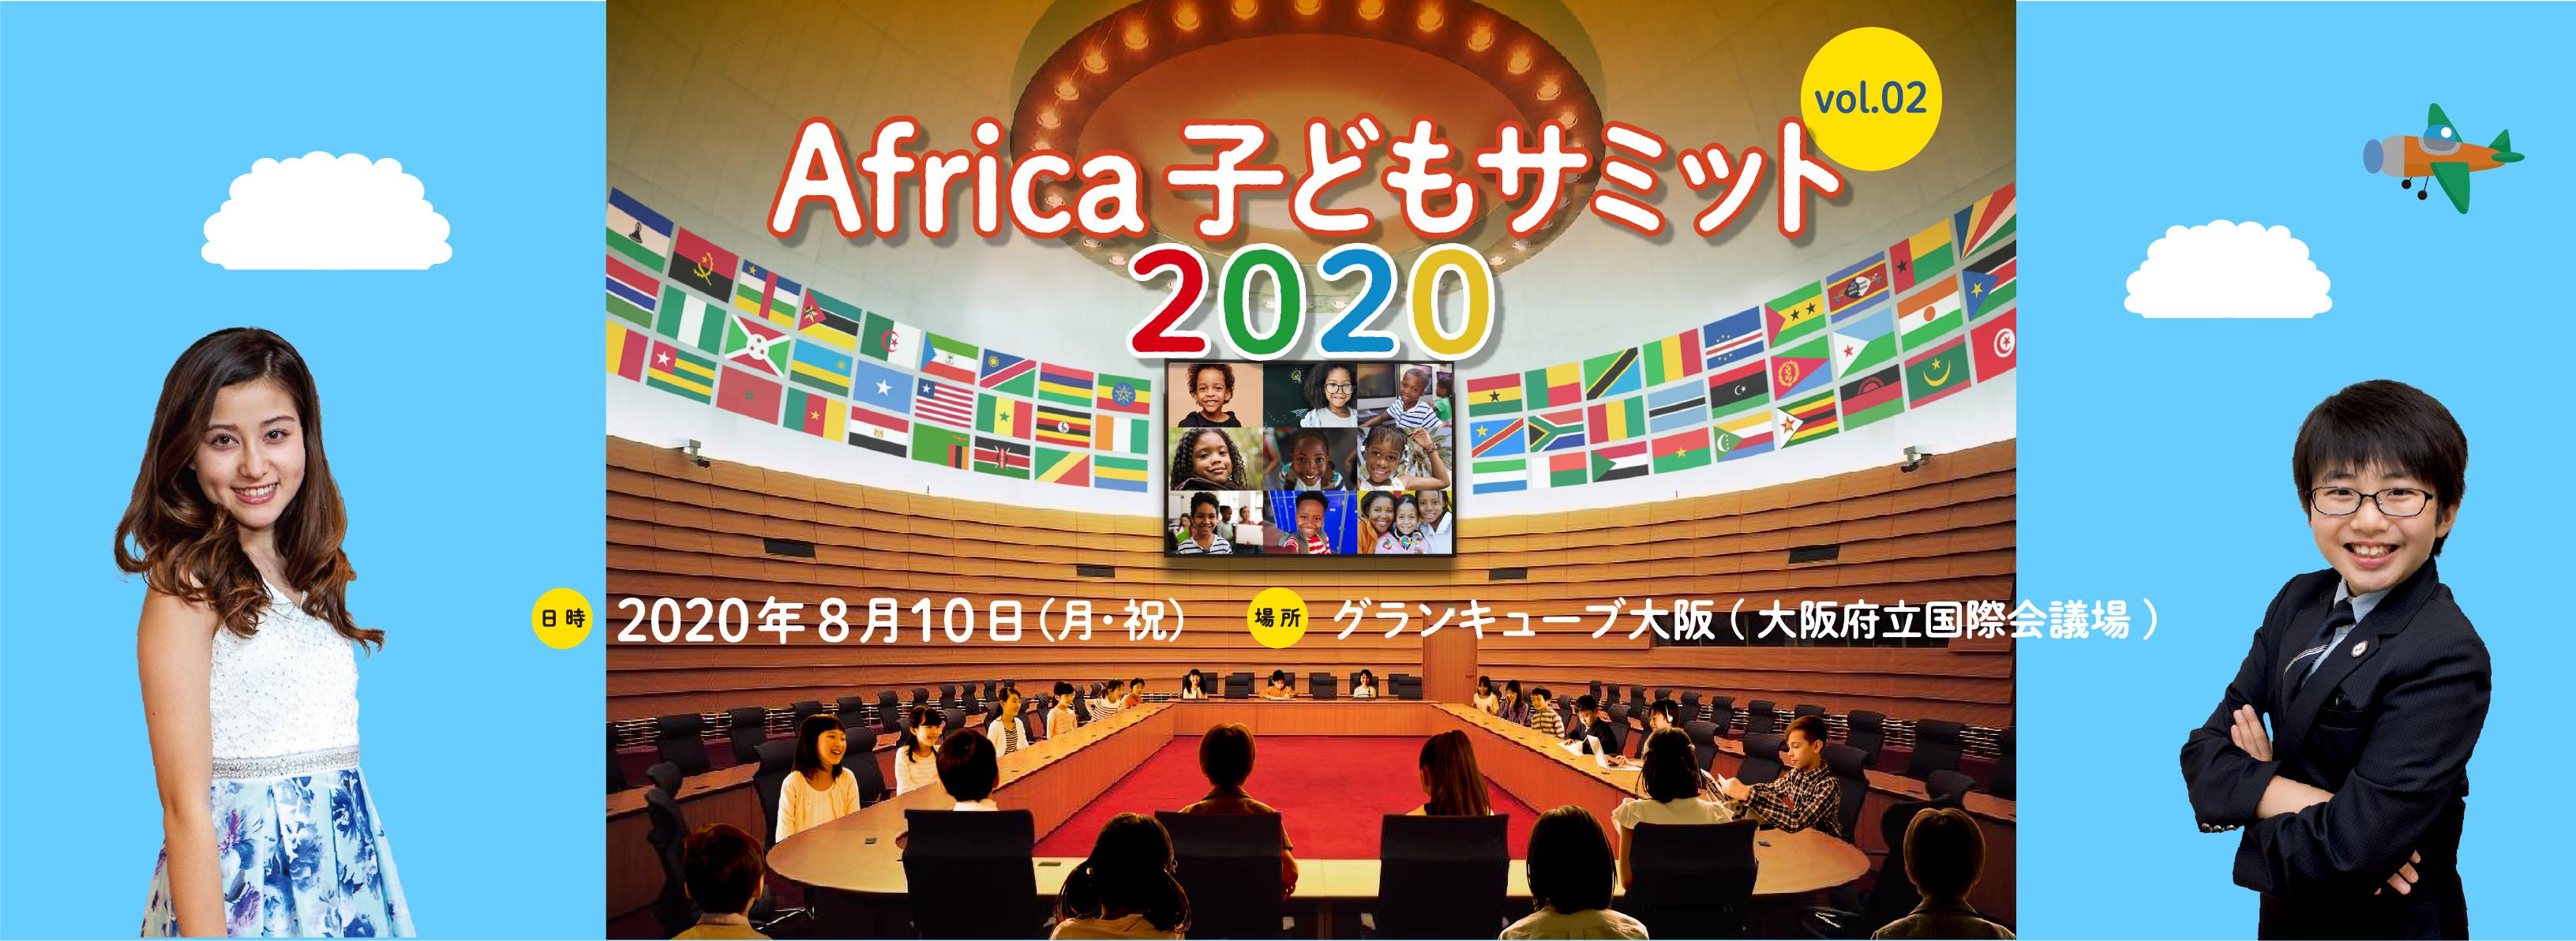 Africa子どもサミット